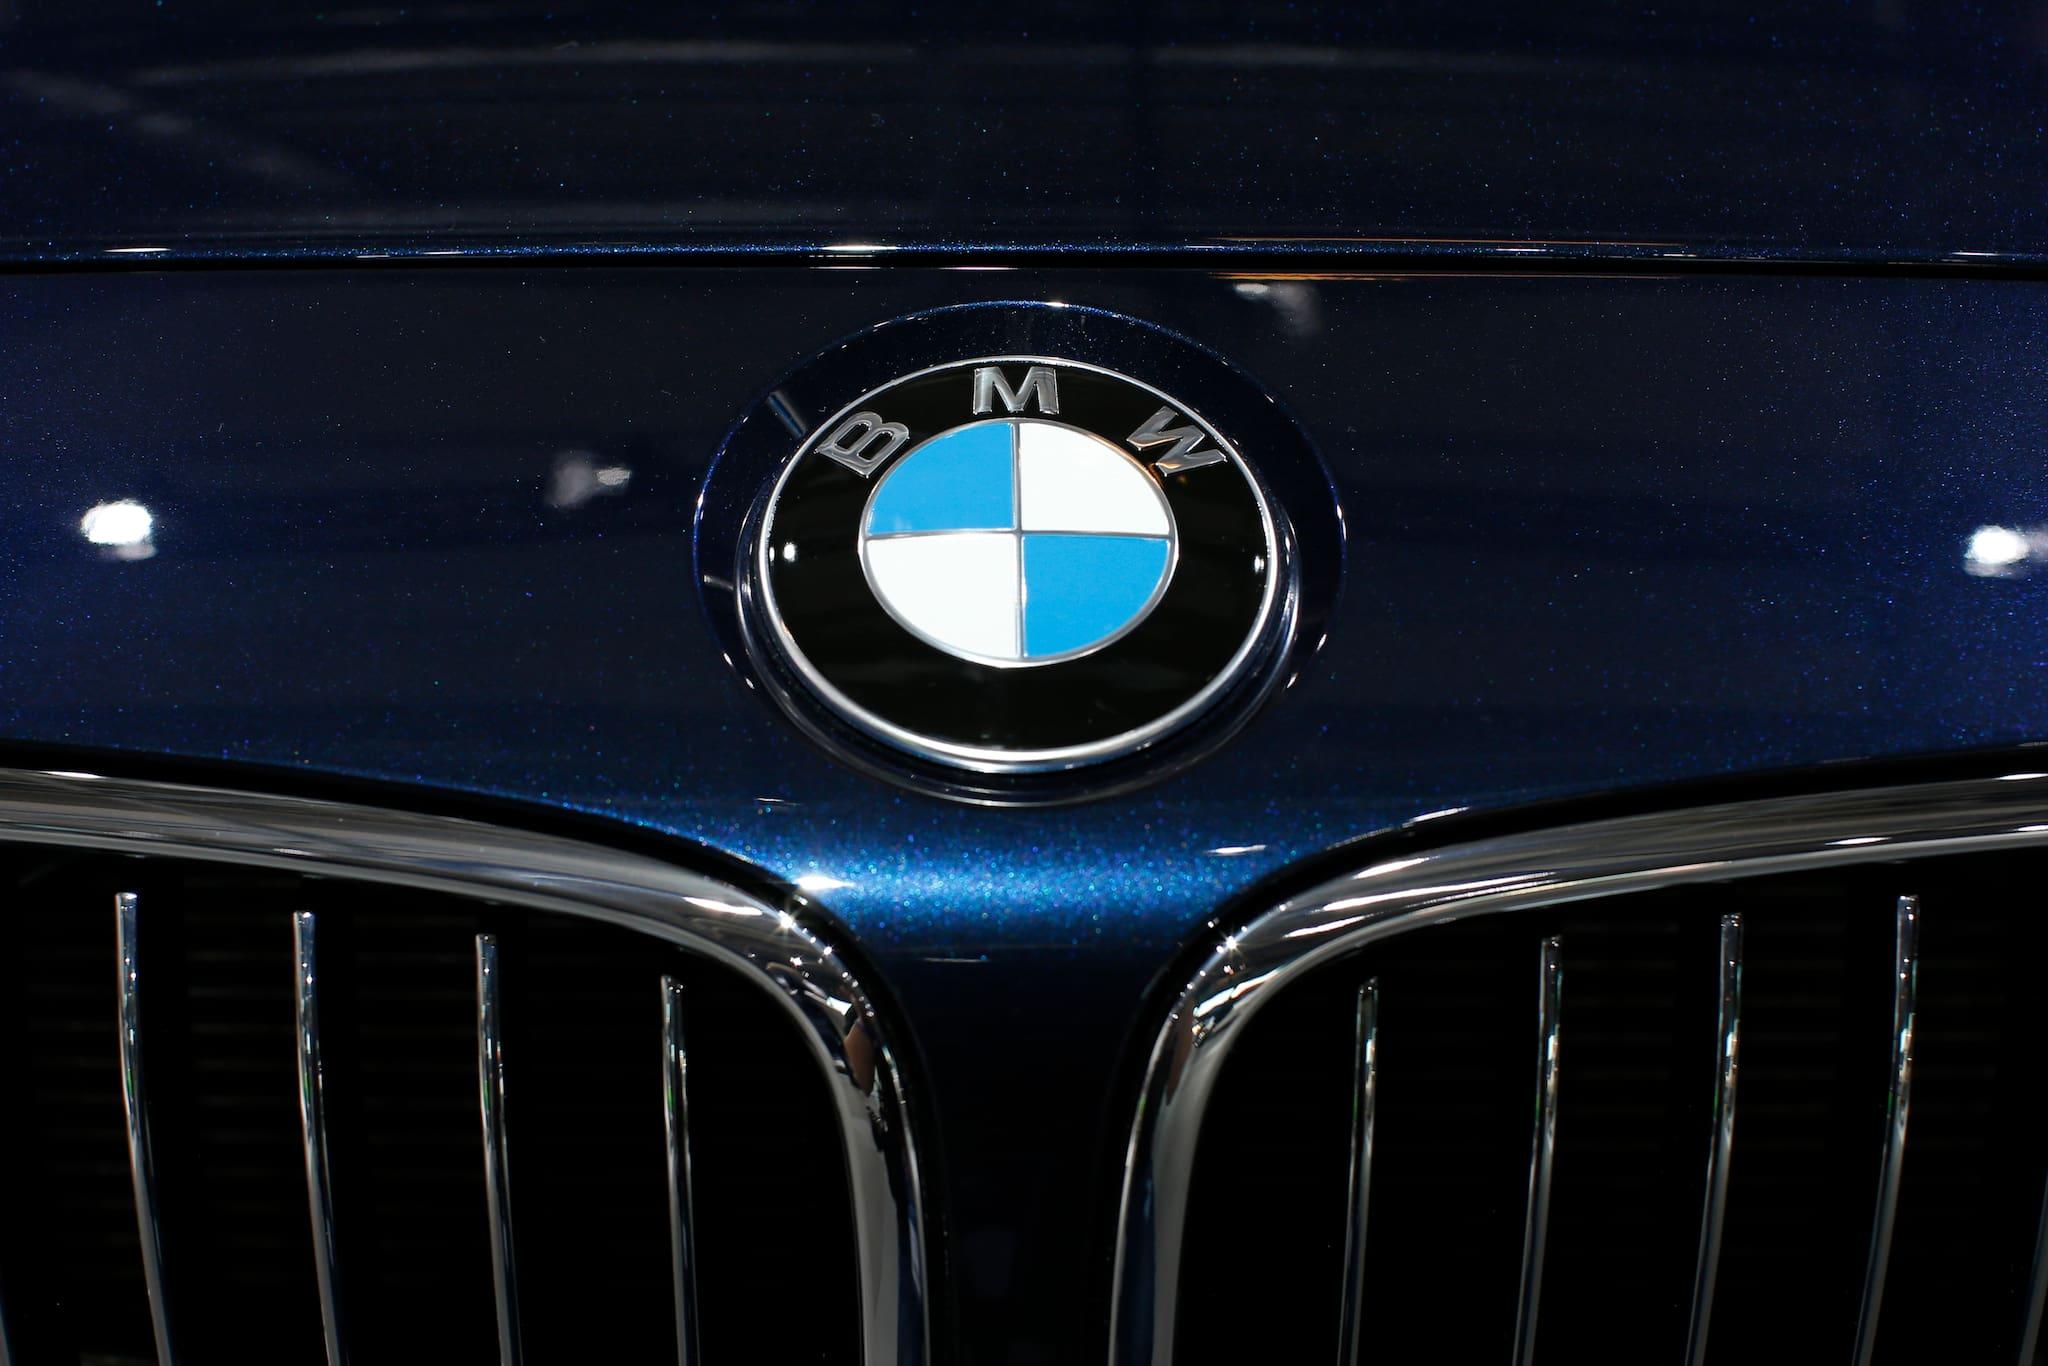 Cerita di Balik Sejarah Logo BMW, Bukan Berasal dari Baling-Baling